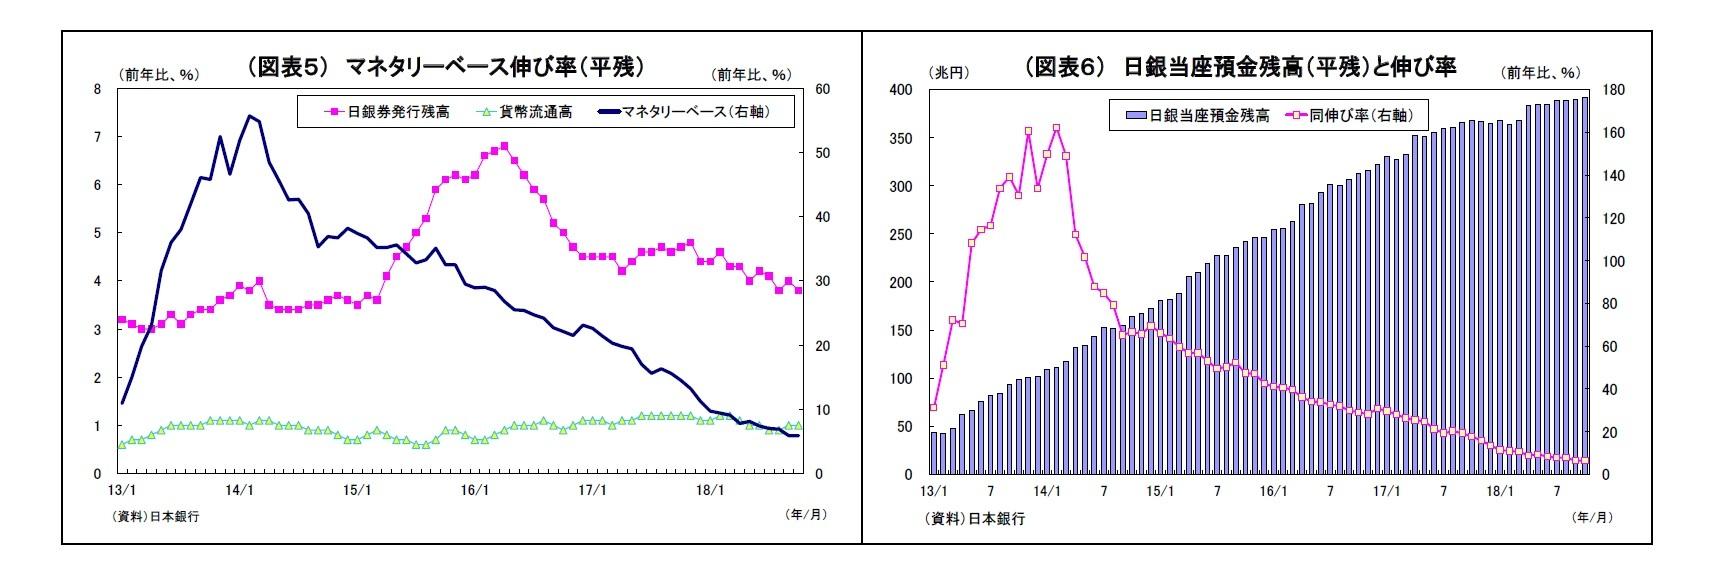 (図表5) マネタリーベース伸び率(平残)/(図表6) 日銀当座預金残高(平残)と伸び率